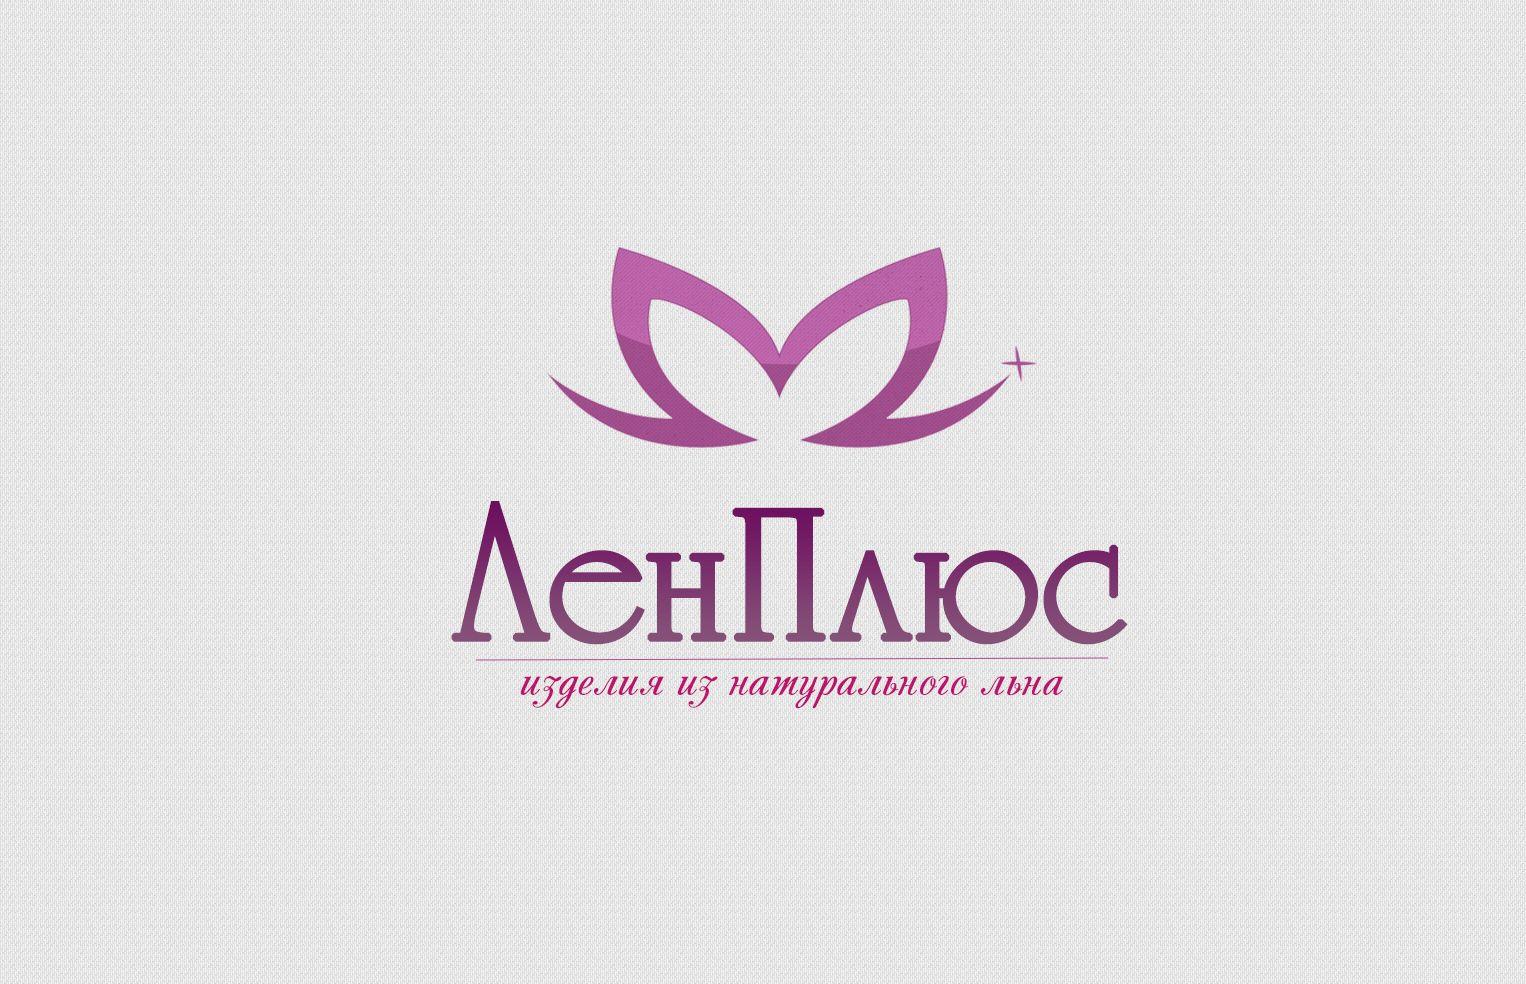 Логотип интернет-магазина ЛенПлюс - дизайнер task-pro